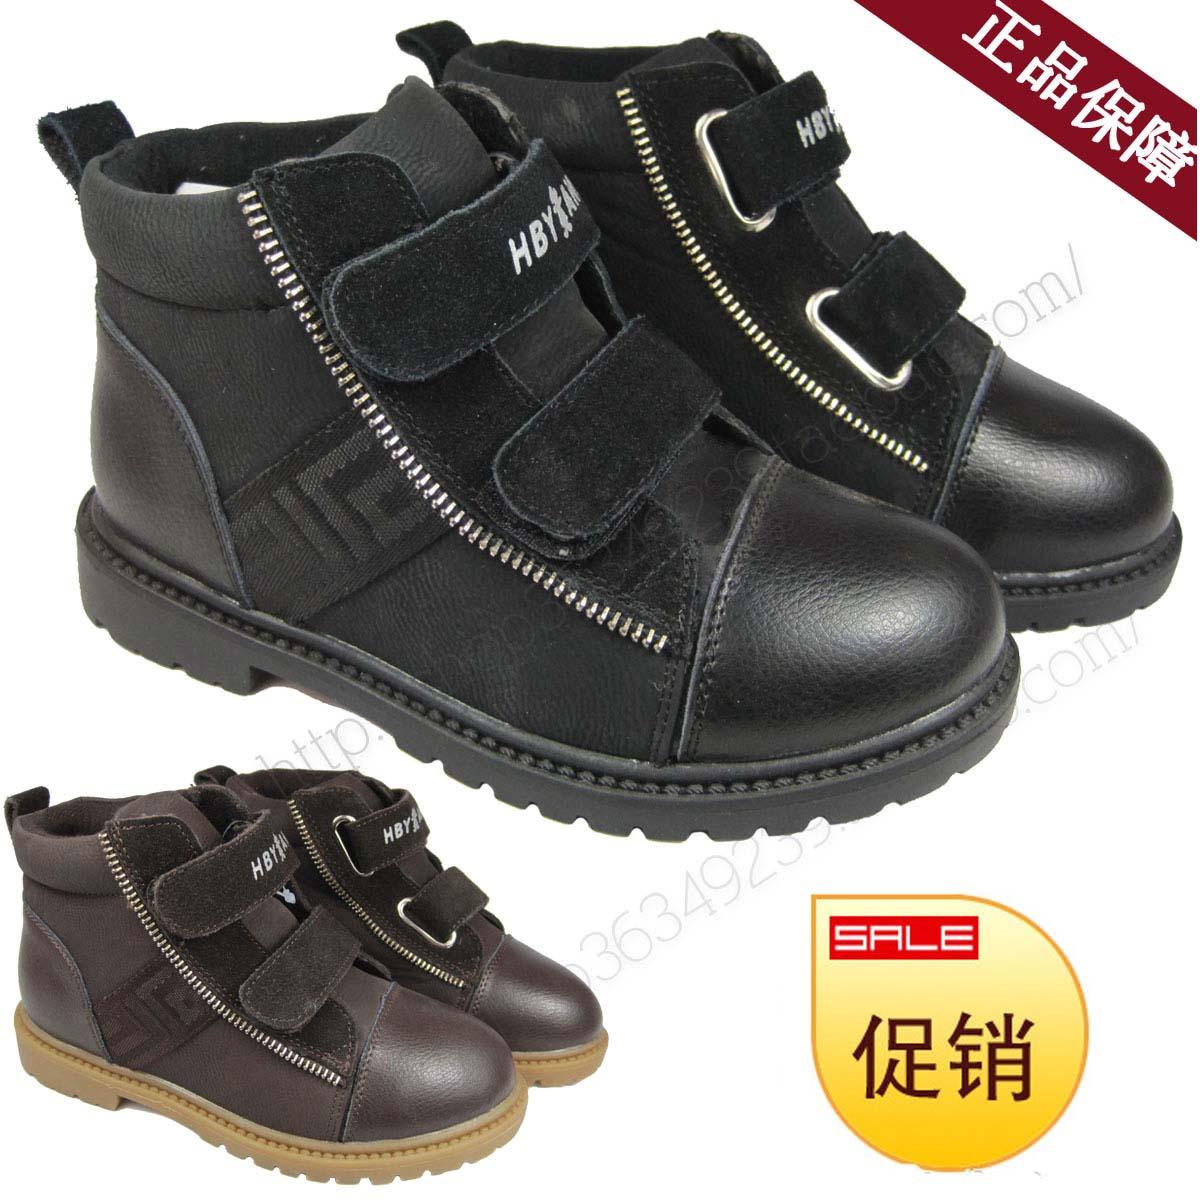 特价男童皮鞋冬款正品好榜样学生男童鞋 韩版儿童黑皮鞋真皮912